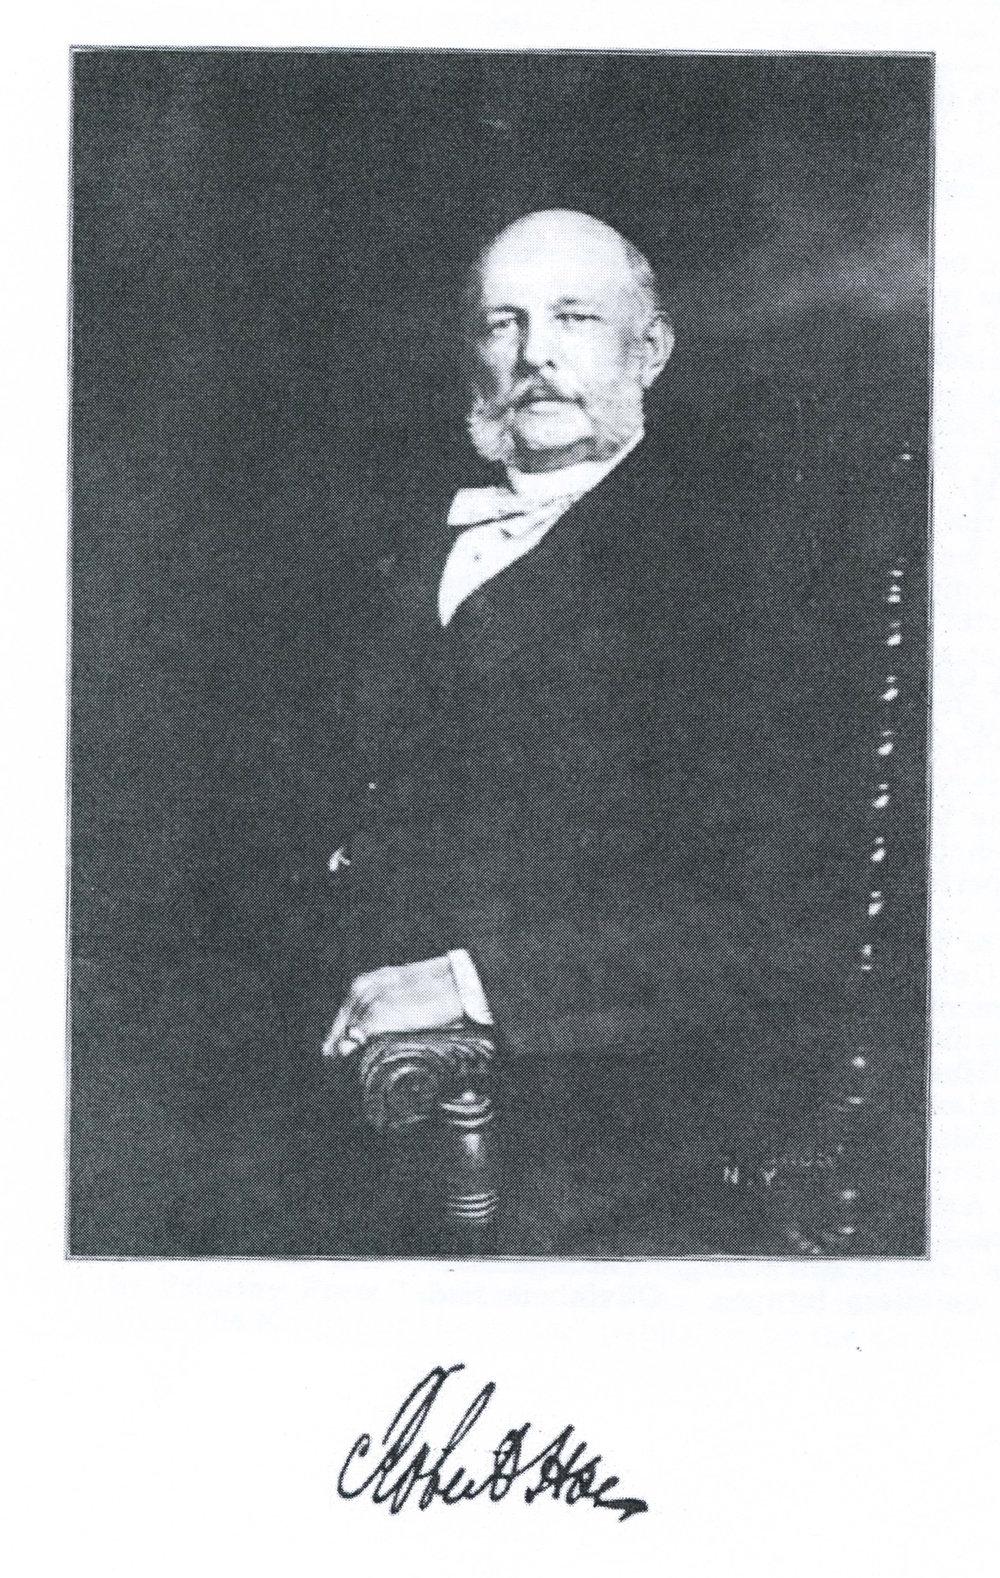 Robert Hoe III